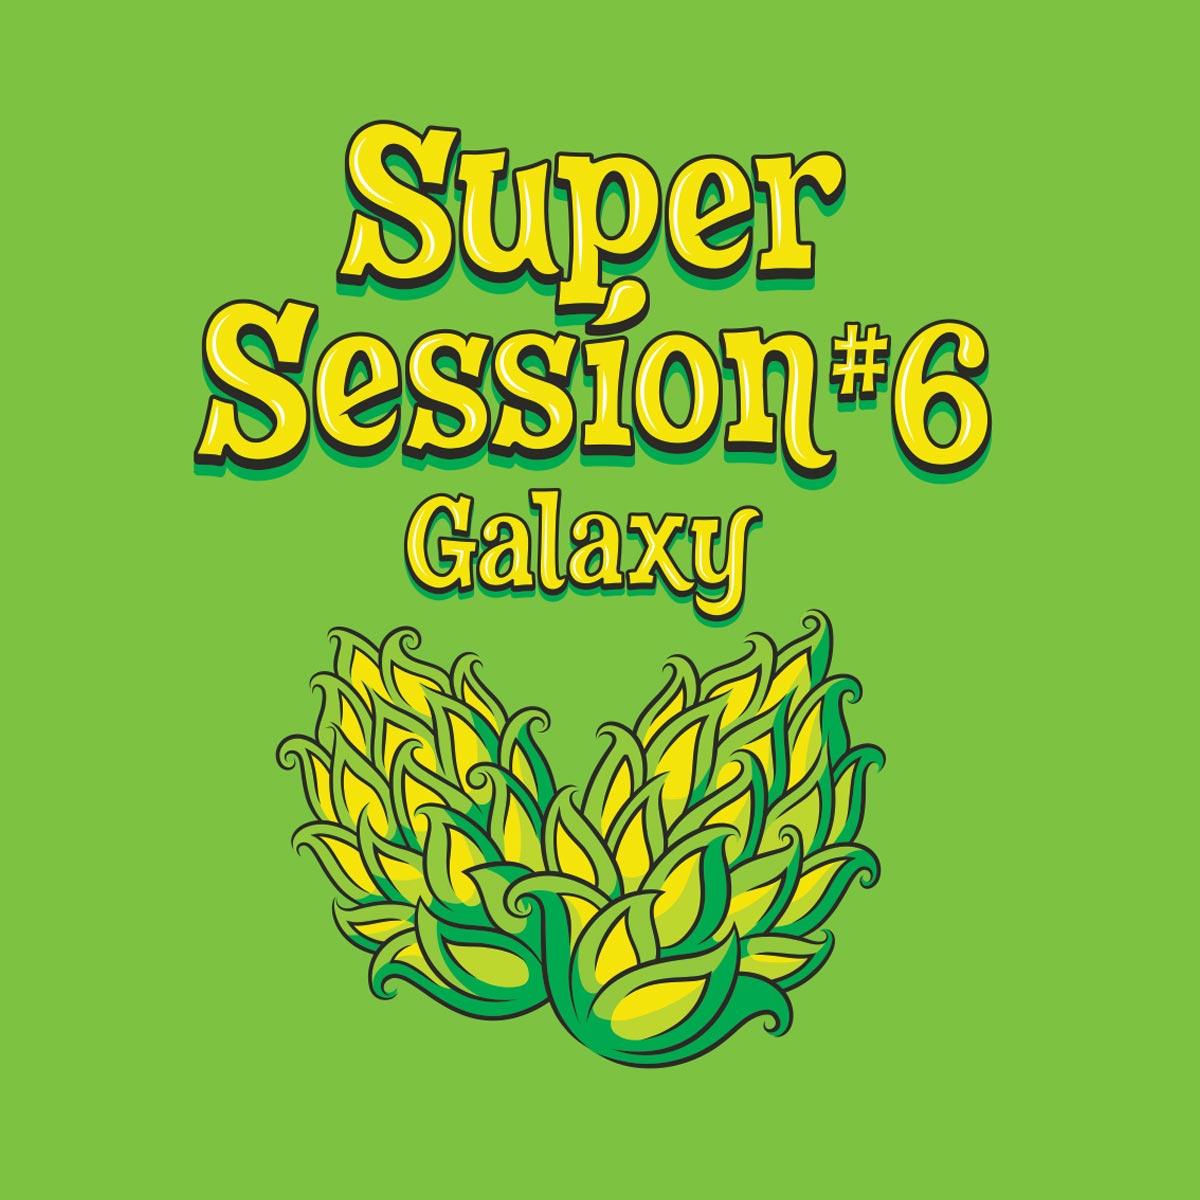 Super Session #6 - Galaxy